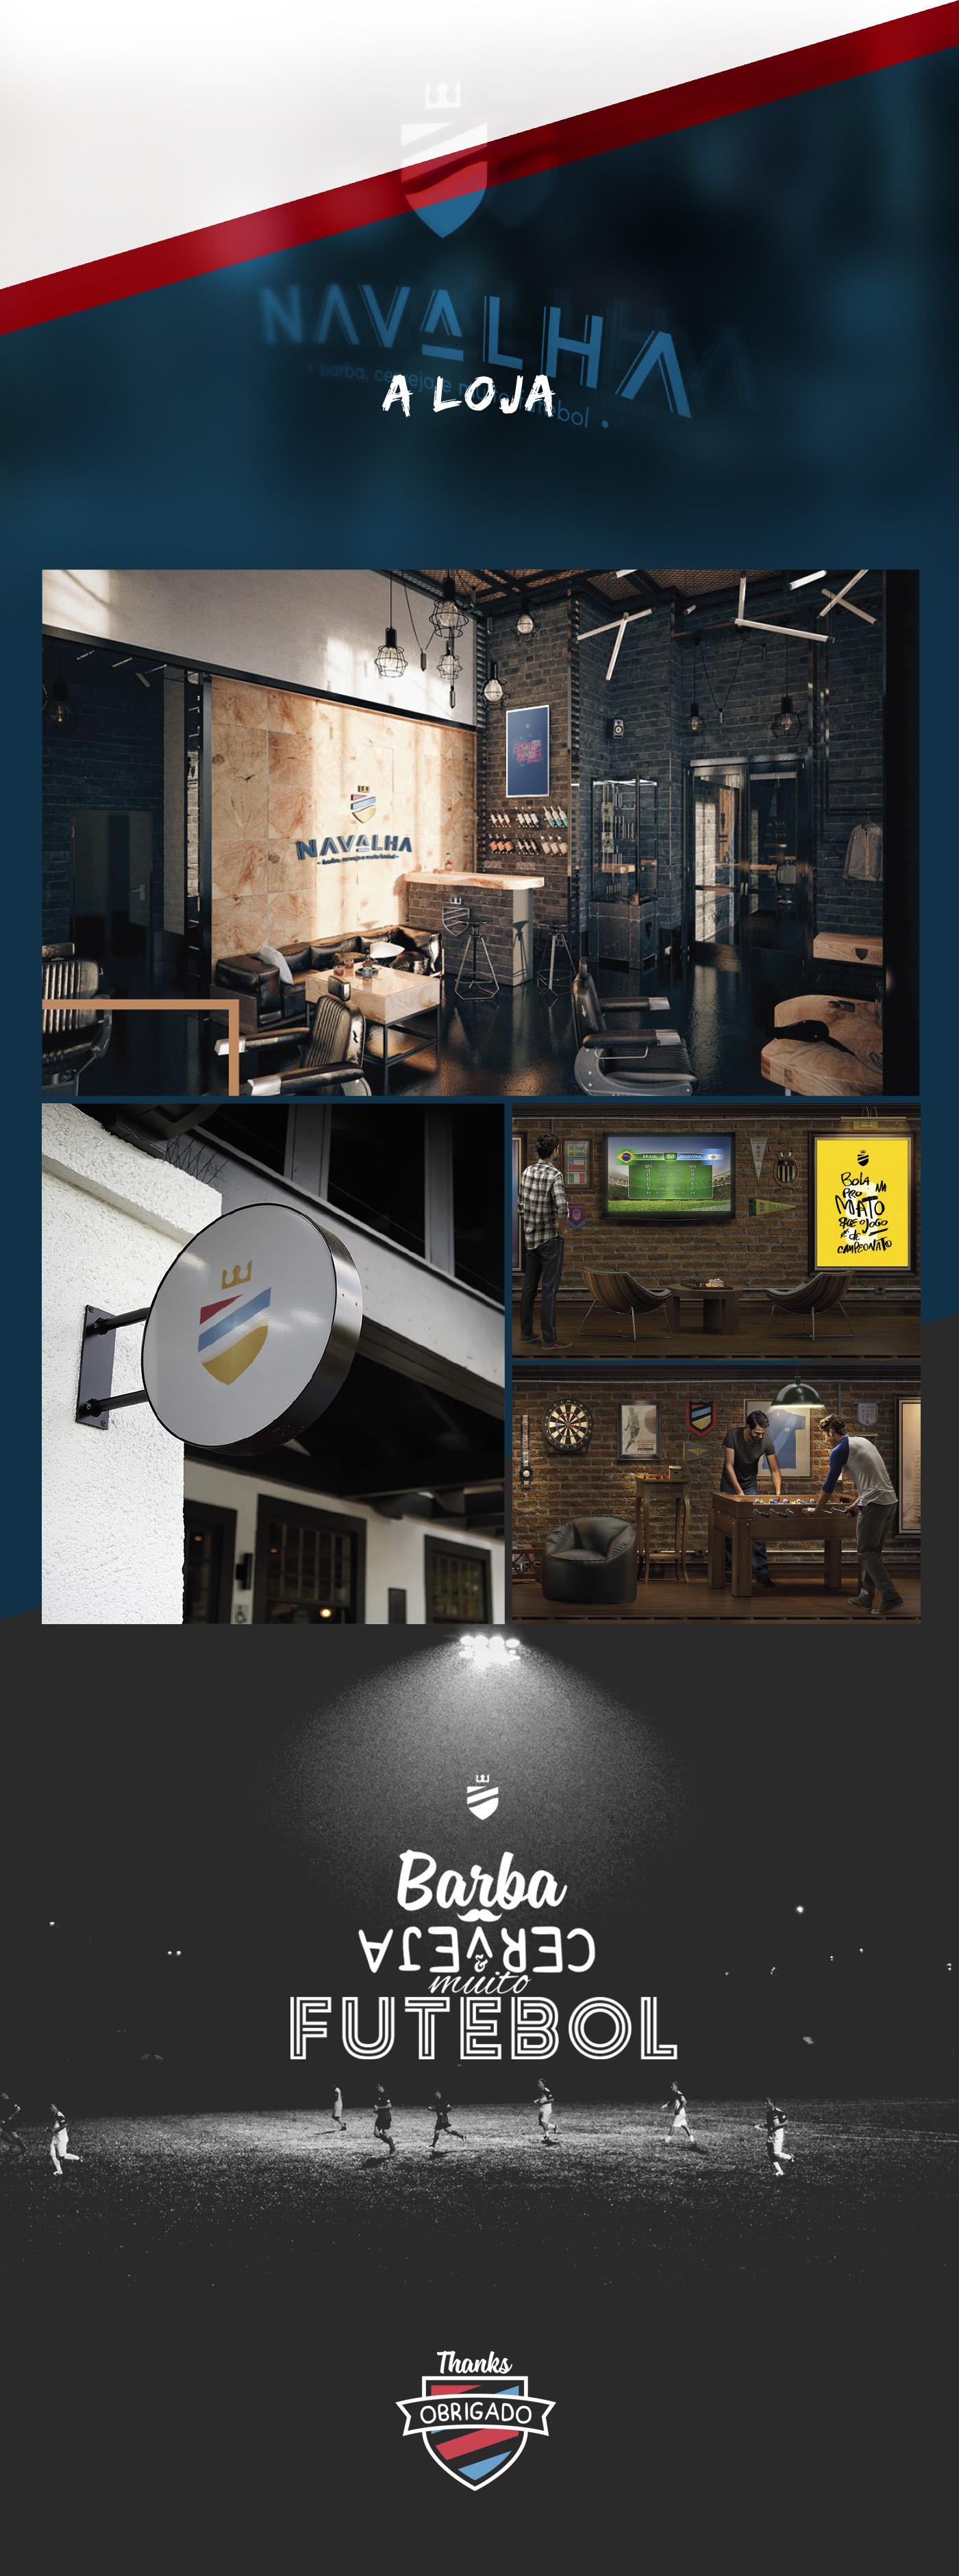 barbearia,bar,Cerveja,barber shop,beer,navalha